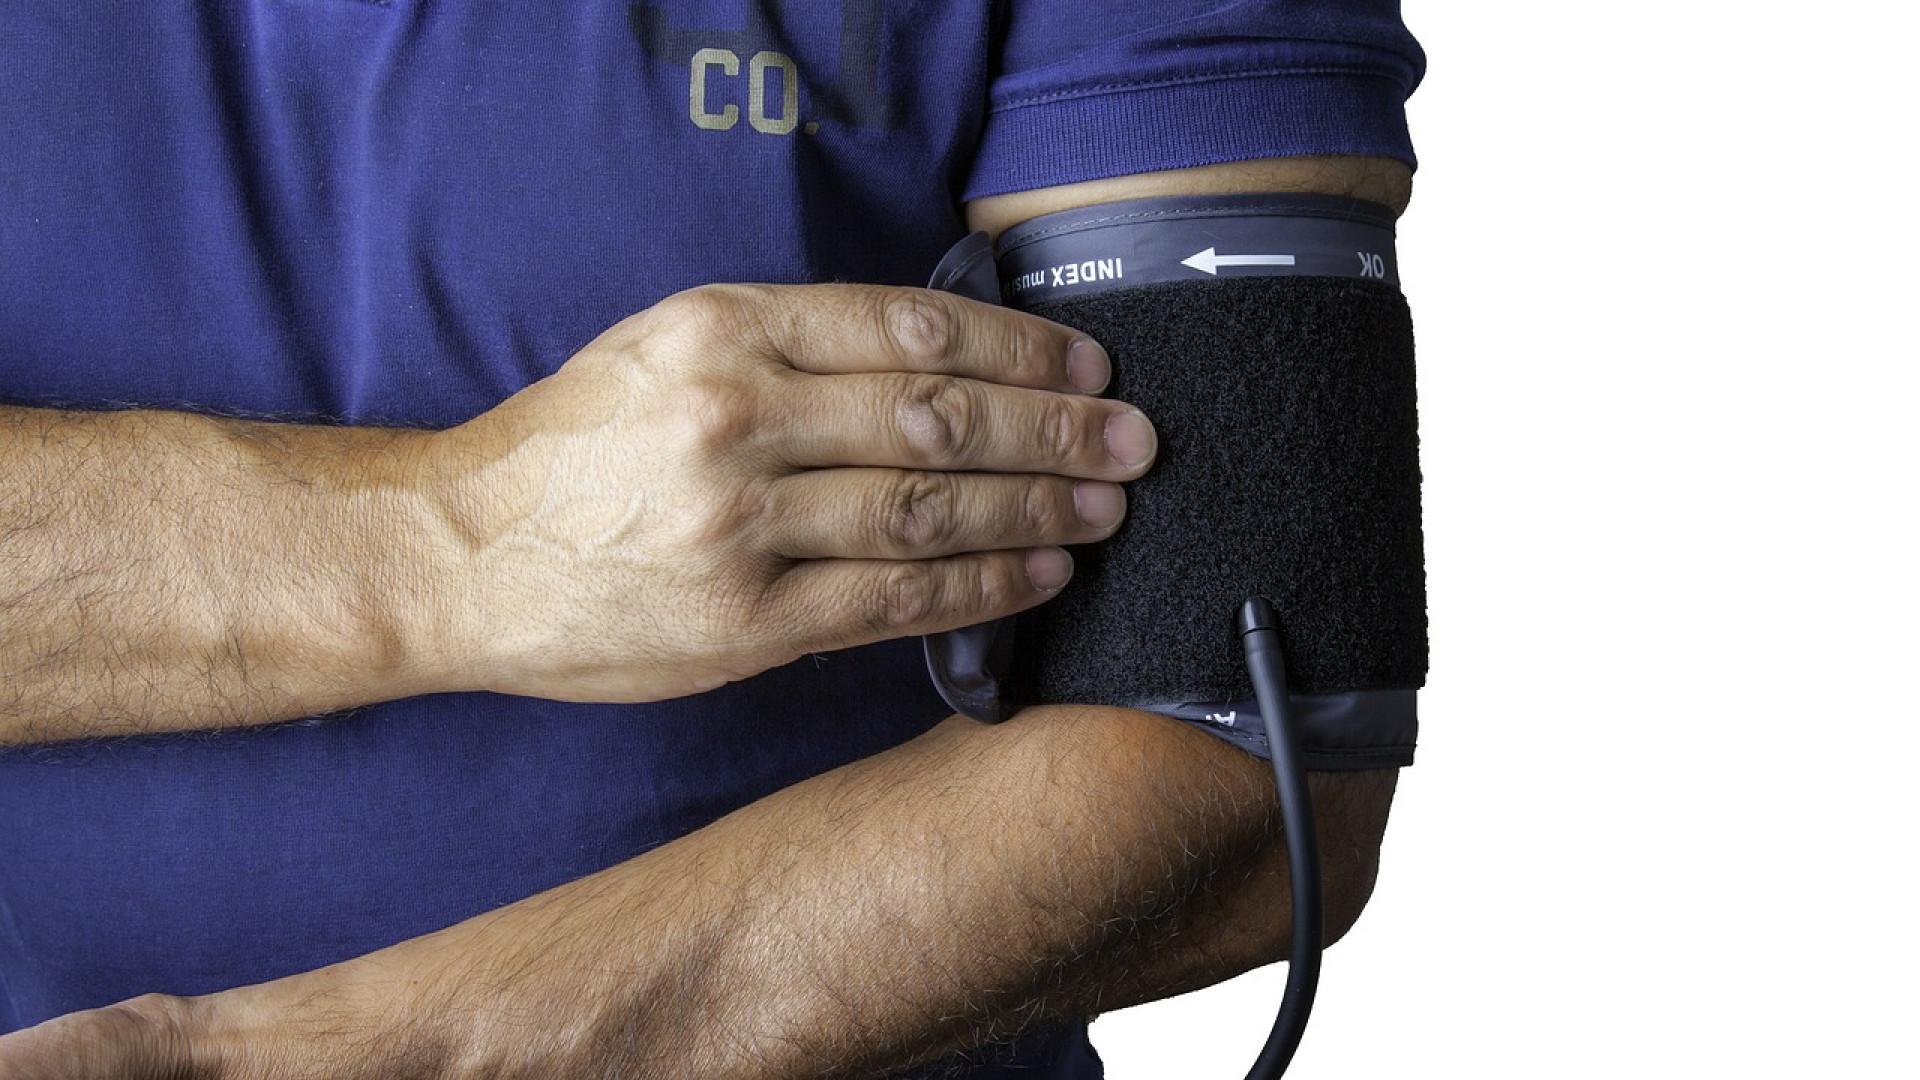 Des médecins de garde, des services médicaux et des applis prennent soin de vous